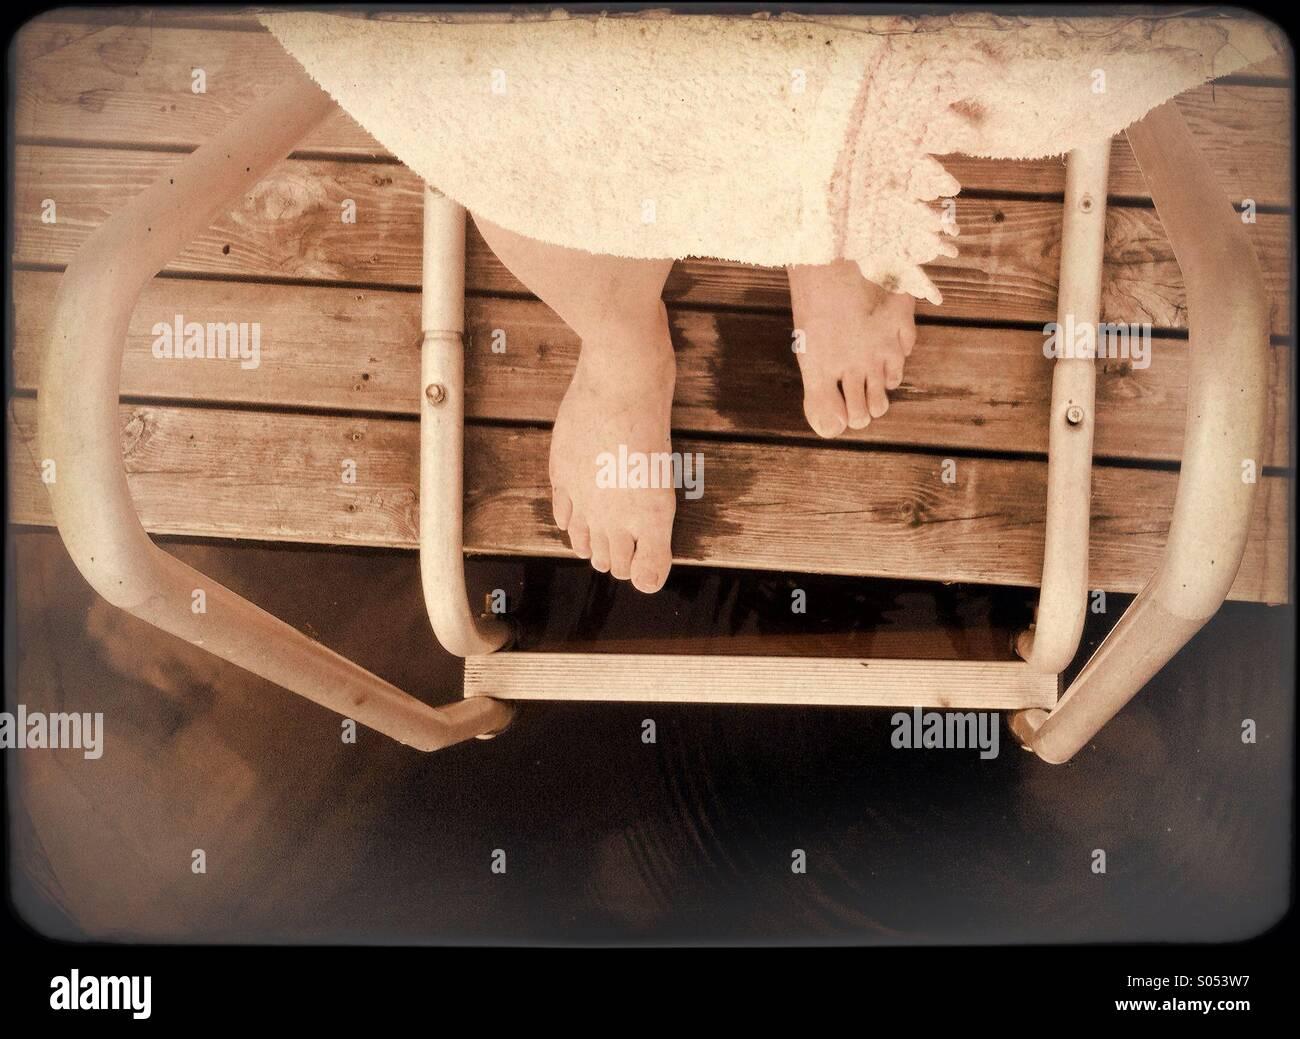 Une femme finlandaise aller nager après sauna Photo Stock